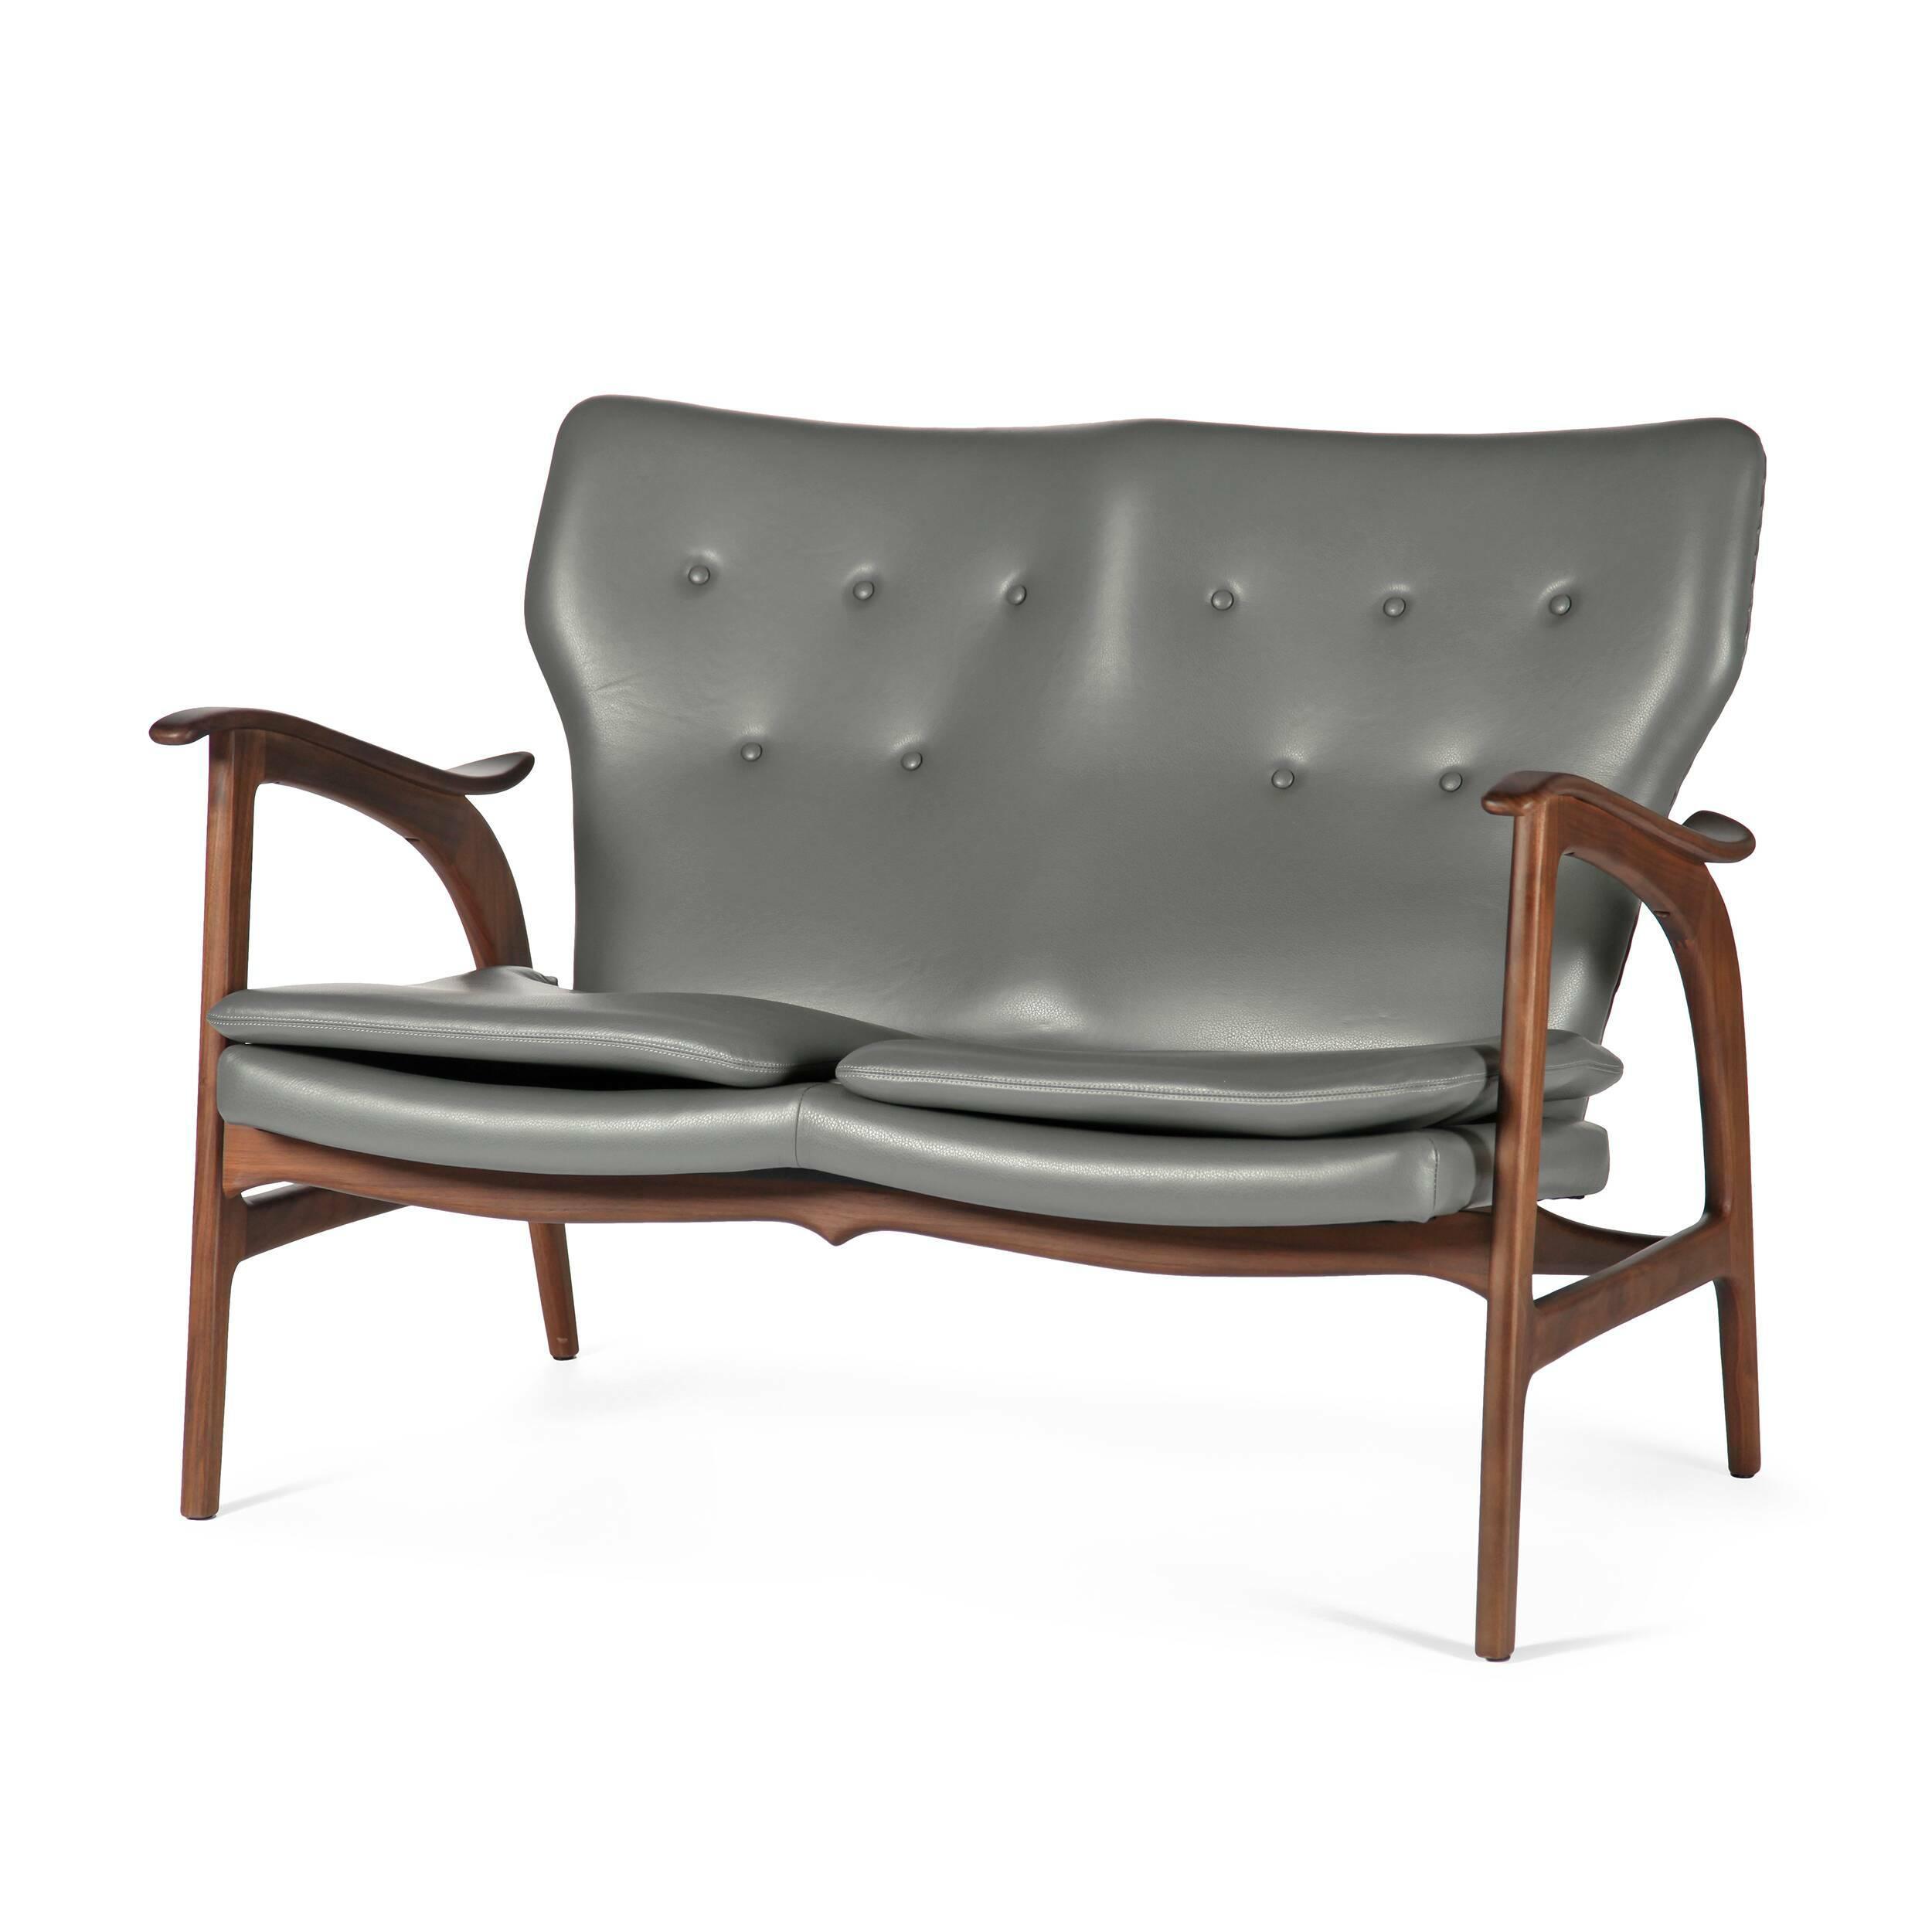 Диван FauteuilДвухместные<br>Дизайнерский легкий двухместный диван Fauteuil (Фоутей) с обивкой из льна и деревянным каркасом от Cosmo (Космо).<br><br>Классические формы классического дивана от классиков мебельного дизайна — проектировщиков из Скандинавии.<br> Финн Юль (Finn Juhl), автор дизайна дивана Fauteuil, — одна из крупнейших фигур в истории датского дизайна. В 1945 году он создал этот потрясающий диван, разорвавший привычные шаблоны: рама дивана больше не соединяет сиденье и спинку. Конечный результат задумки Финна Юл...<br><br>stock: 3<br>Высота: 84<br>Высота сиденья: 42,5<br>Глубина: 77<br>Длина: 118<br>Материал каркаса: Массив ореха<br>Тип материала каркаса: Дерево<br>Коллекция ткани: Harry Leather<br>Тип материала обивки: Кожа<br>Цвет обивки: Темно-серый<br>Цвет каркаса: Орех